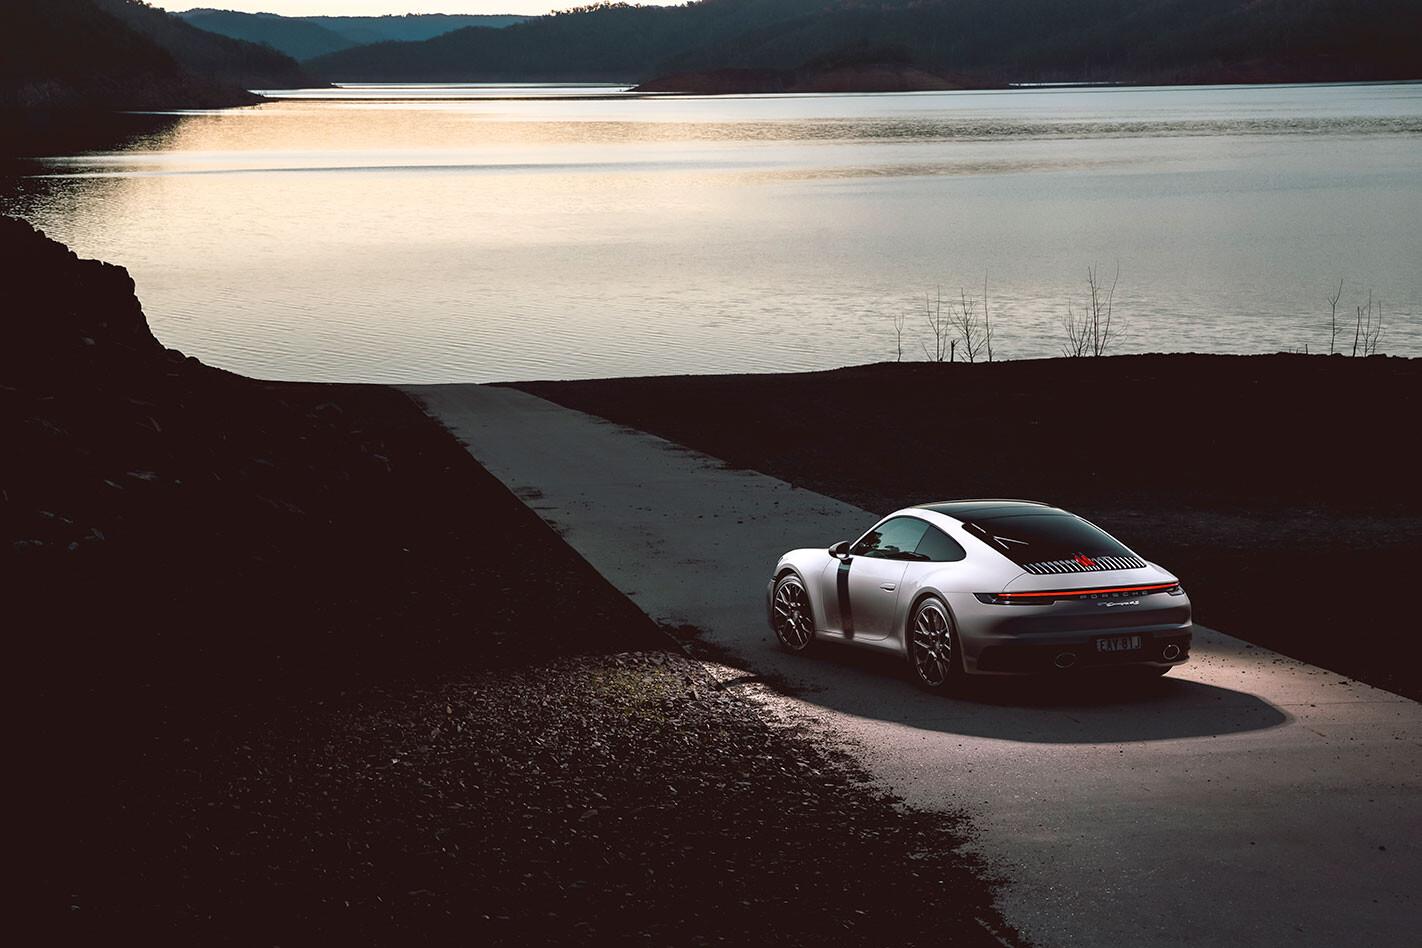 2019 White Porsche 911